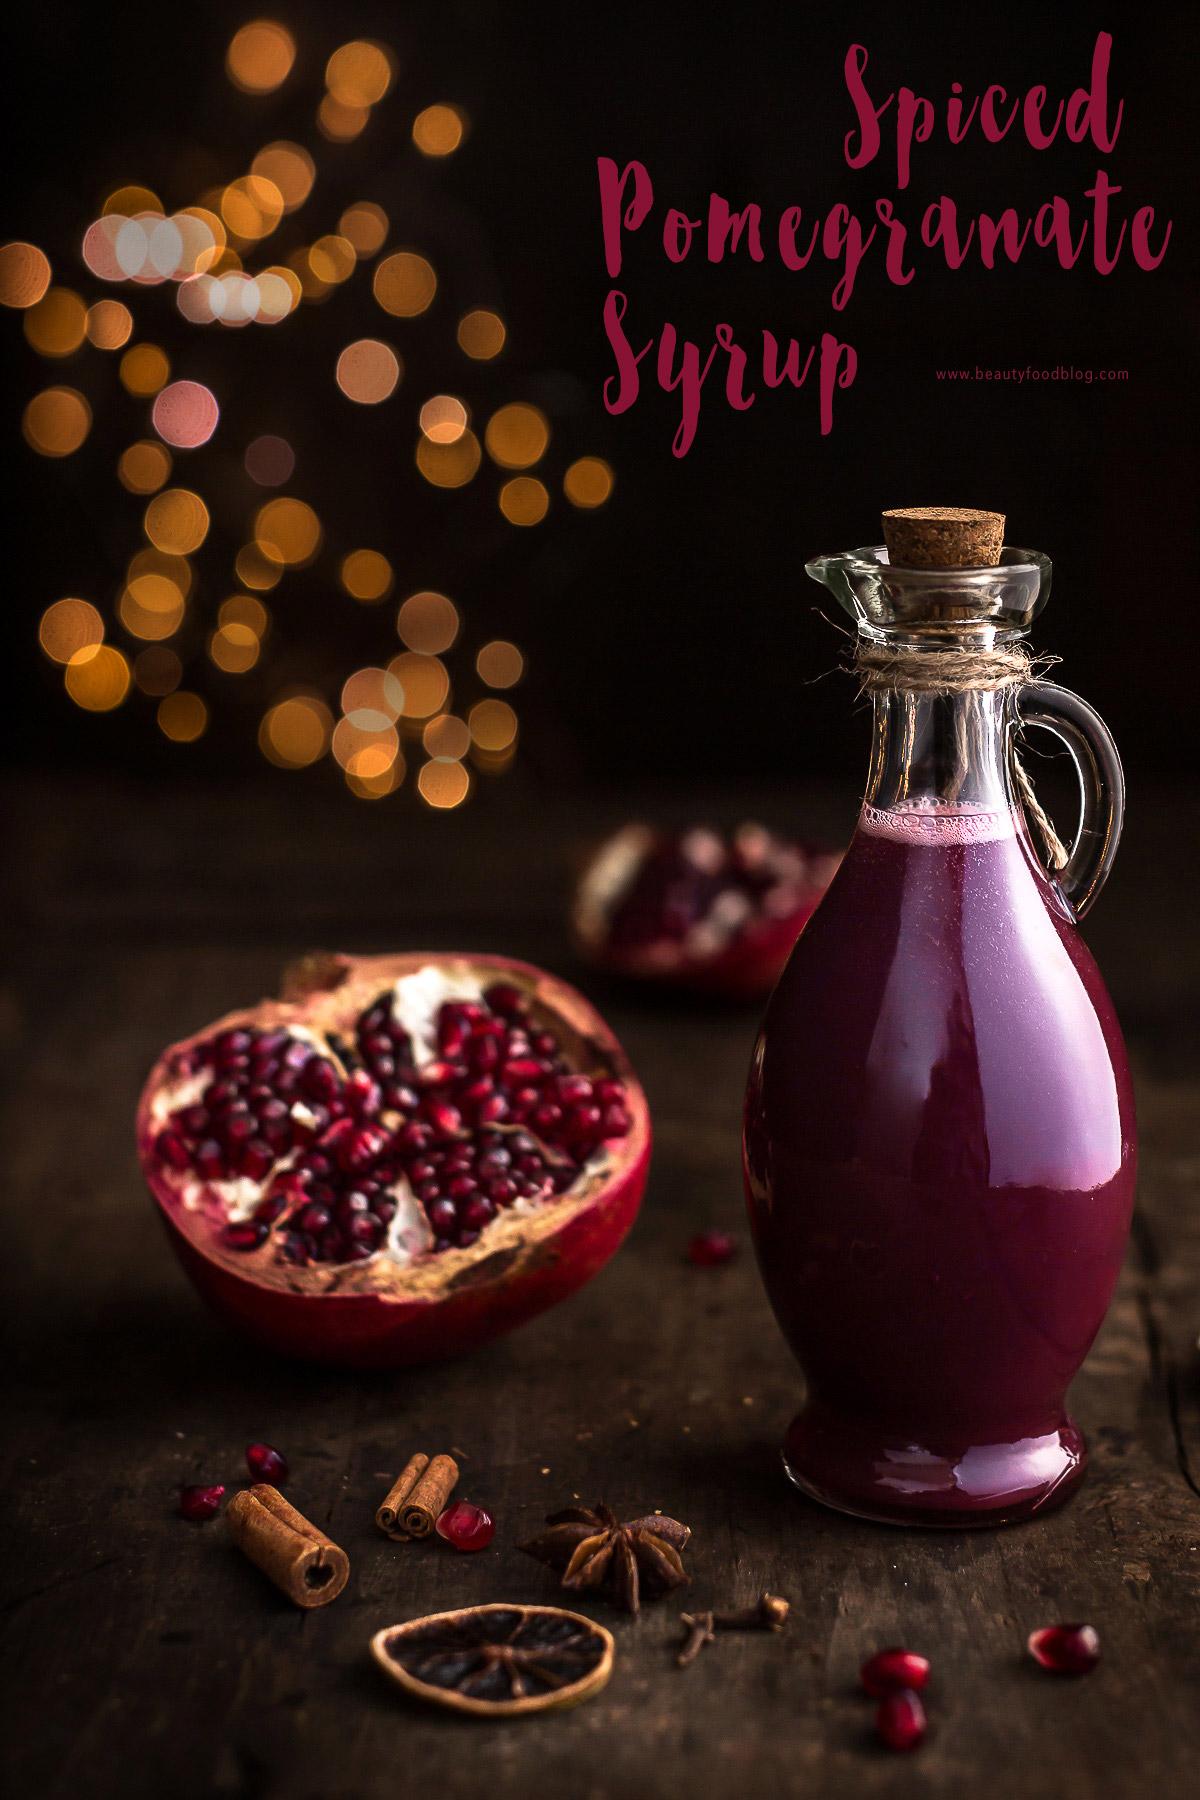 ricetta SCIROPPO alla MELAGRANA idea regalo per Natale speziato fatto in casa homemade DIY spiced pomegranate syrup recipe christmas #vegan #syrup #xmas